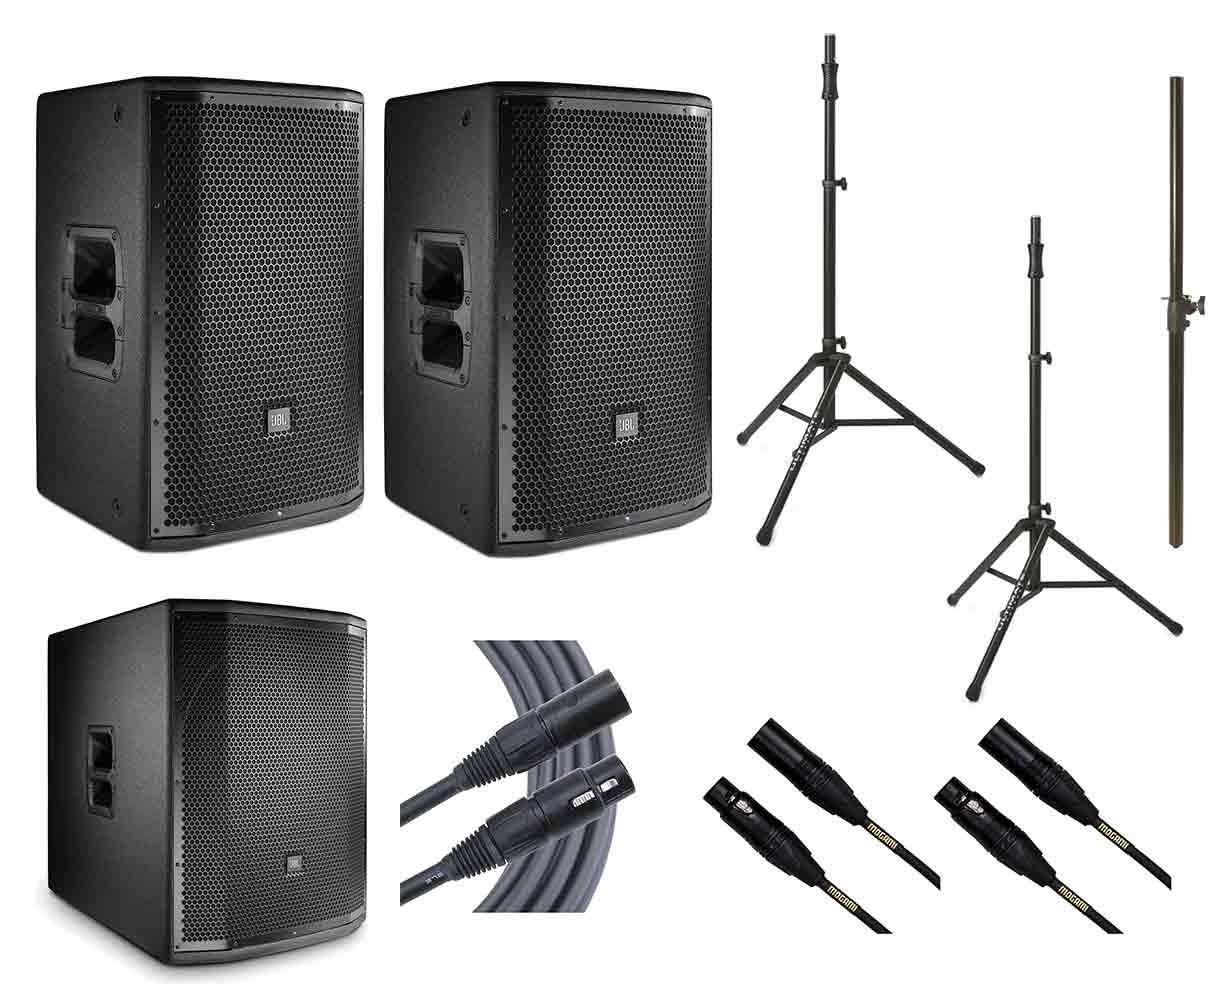 2x JBL PRX812W + JBL PRX818XLFW + 2x Ultimate TS-100B + Mogami Cables + Pole